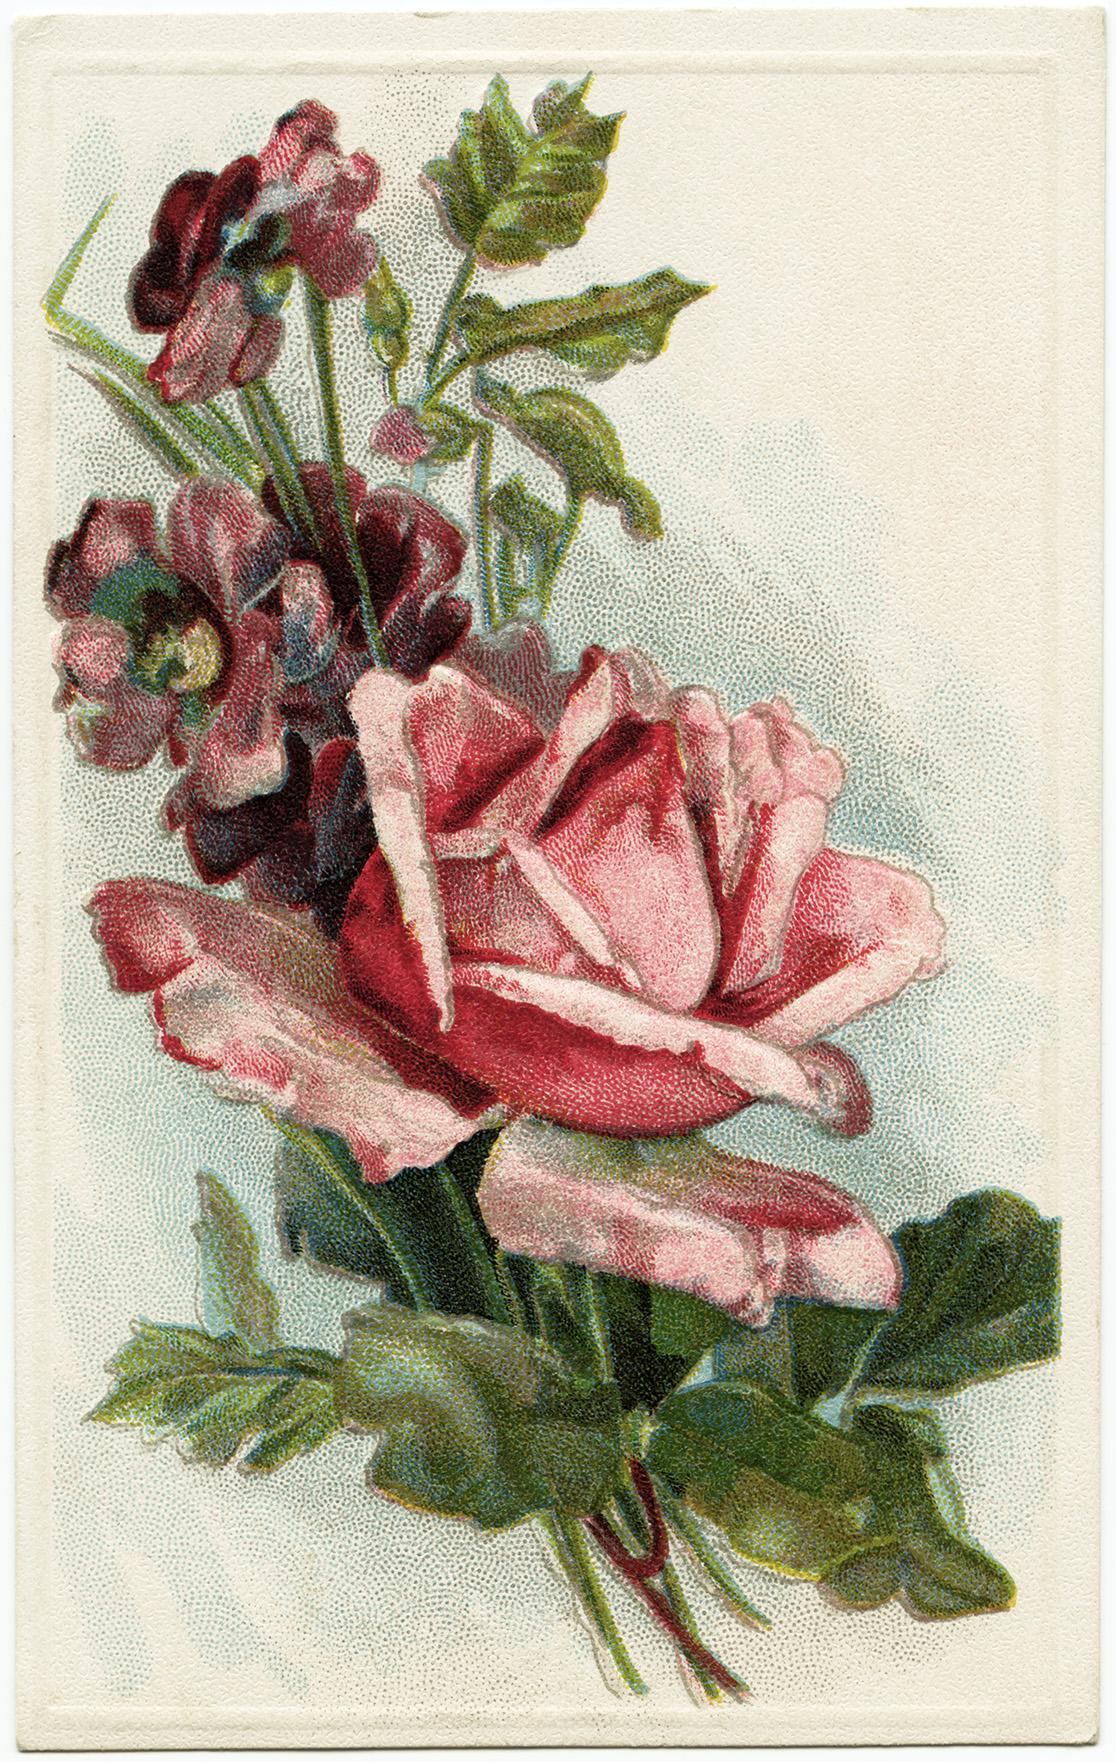 vintage rose image, old floral postcard, antique flower graphic, pink rose illustration, free vintage printable rose